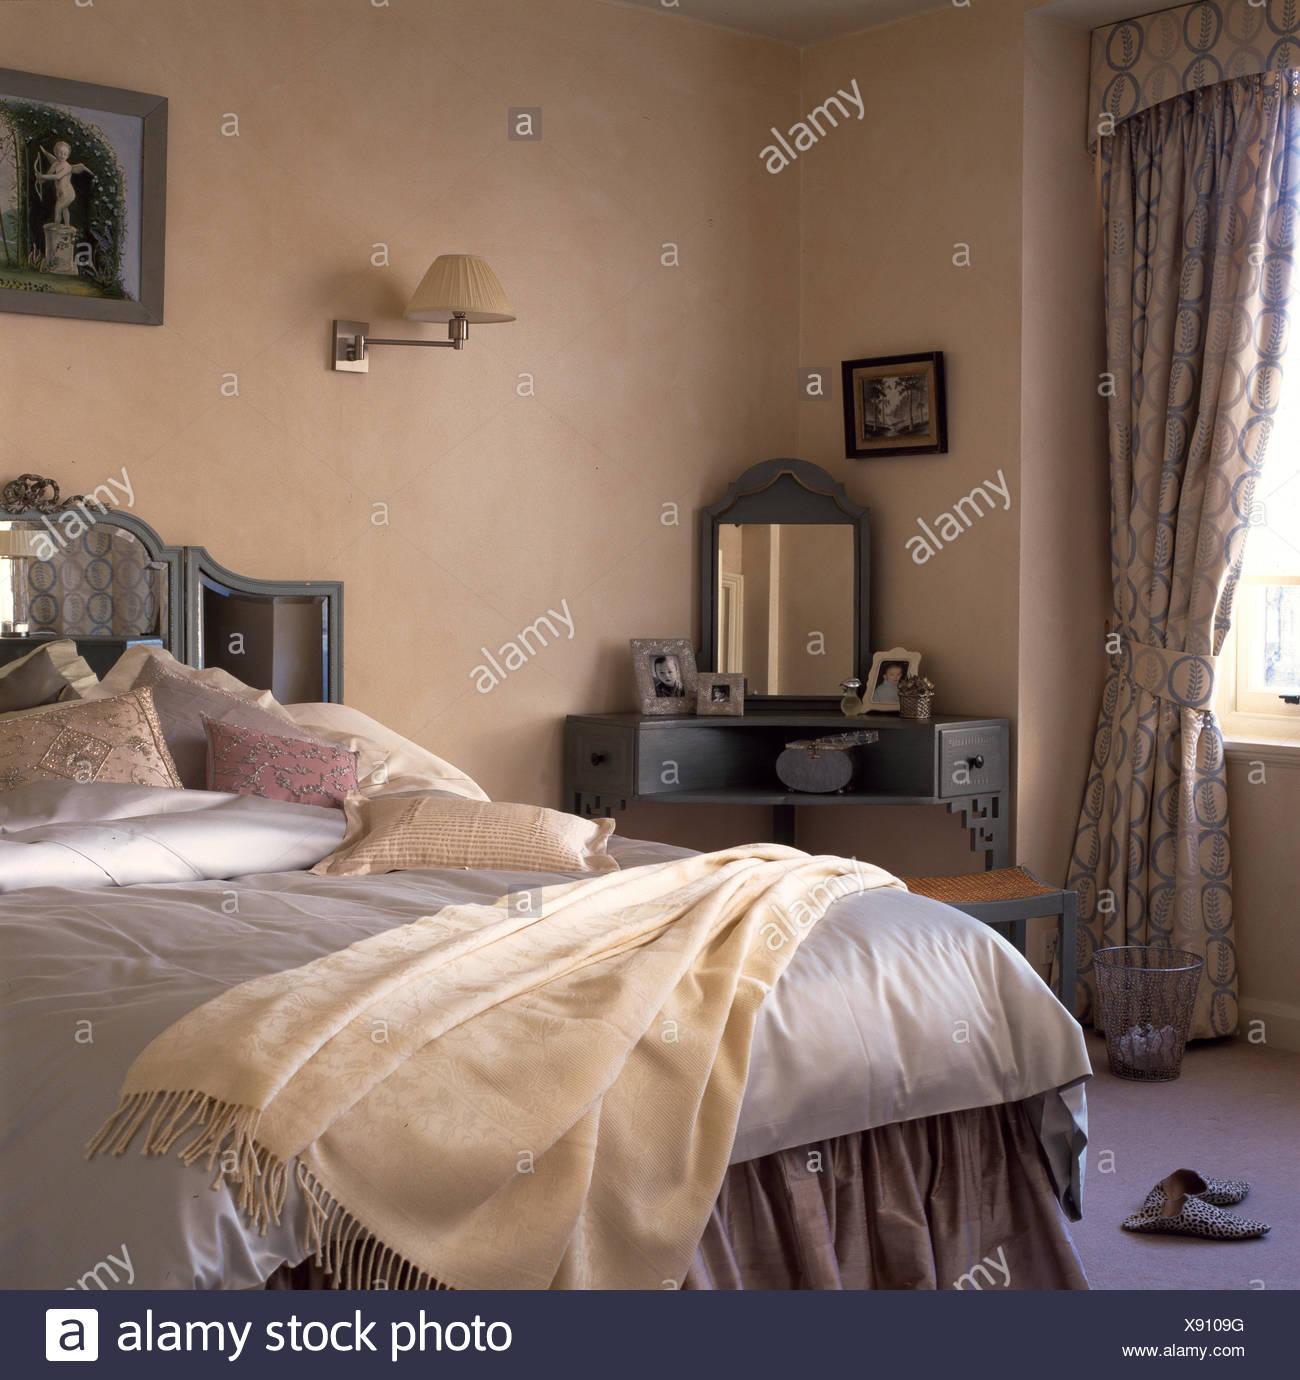 Tisch In Der Ecke Des Schlafzimmers Mit Kissen Und Creme Werfen Auf